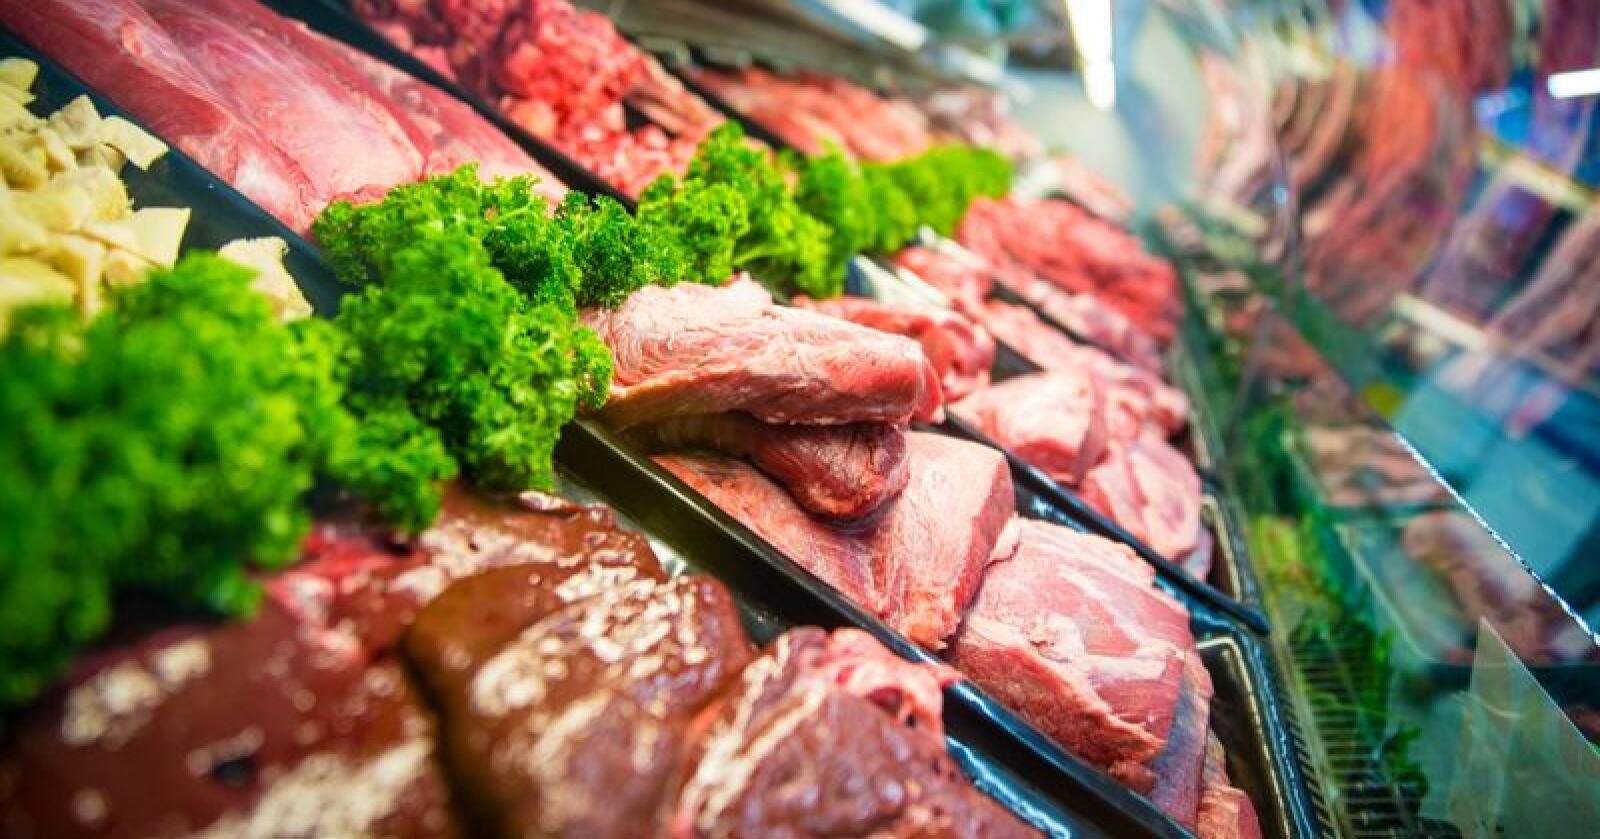 Landbruksdirektoratet senker nå tollen på storfekjøtt i fem uker pga underdekning i markedet. Foto: Shutterstock